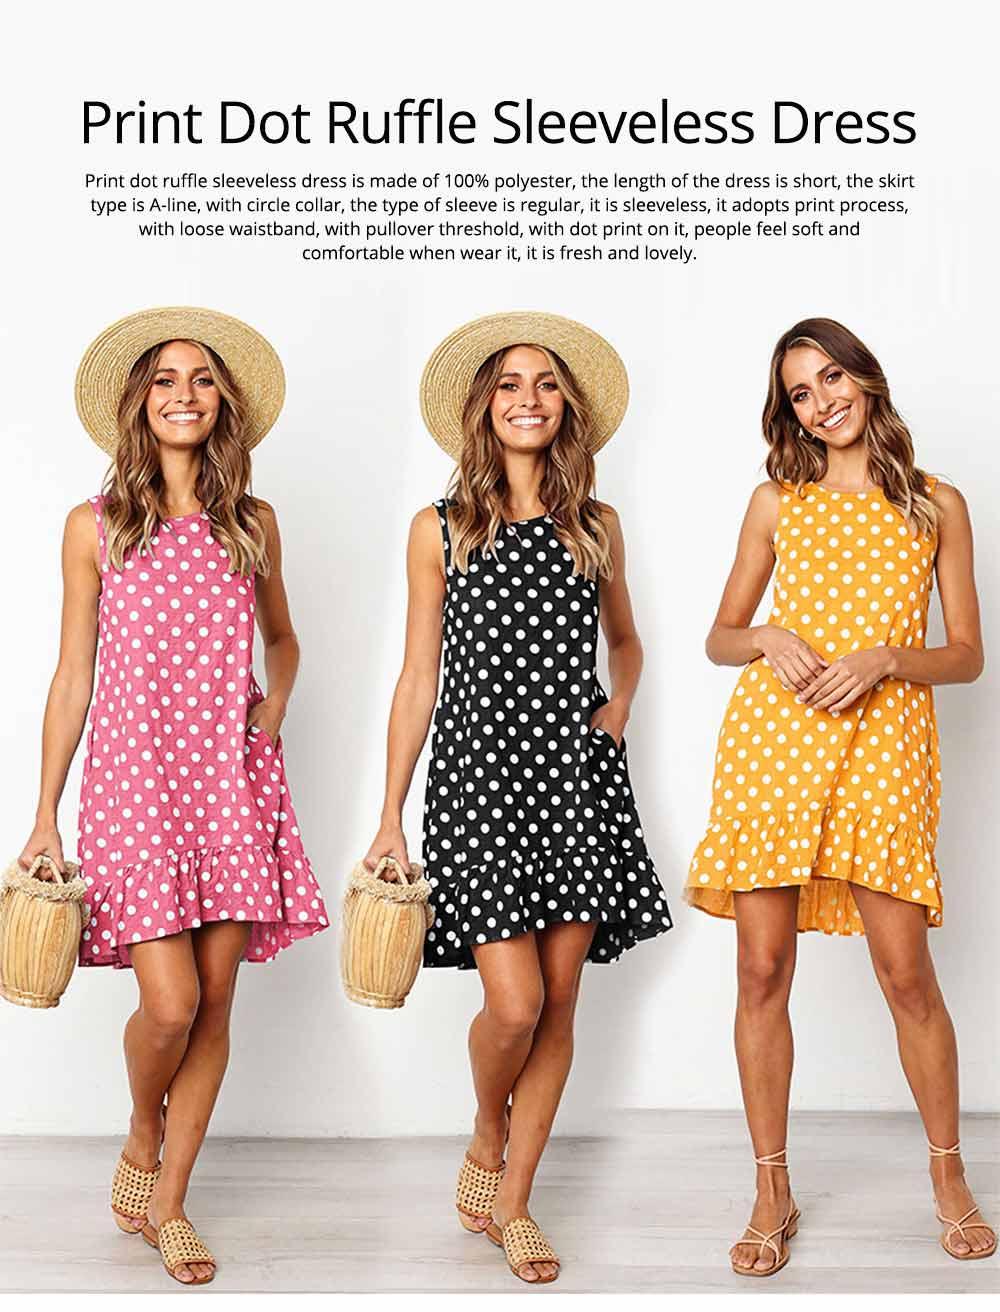 2020 Hot Sell Summer Women Girls Print Polka Dot Dress Ruffle Sleeveless A-Line Casual Loose Short Skirt 0